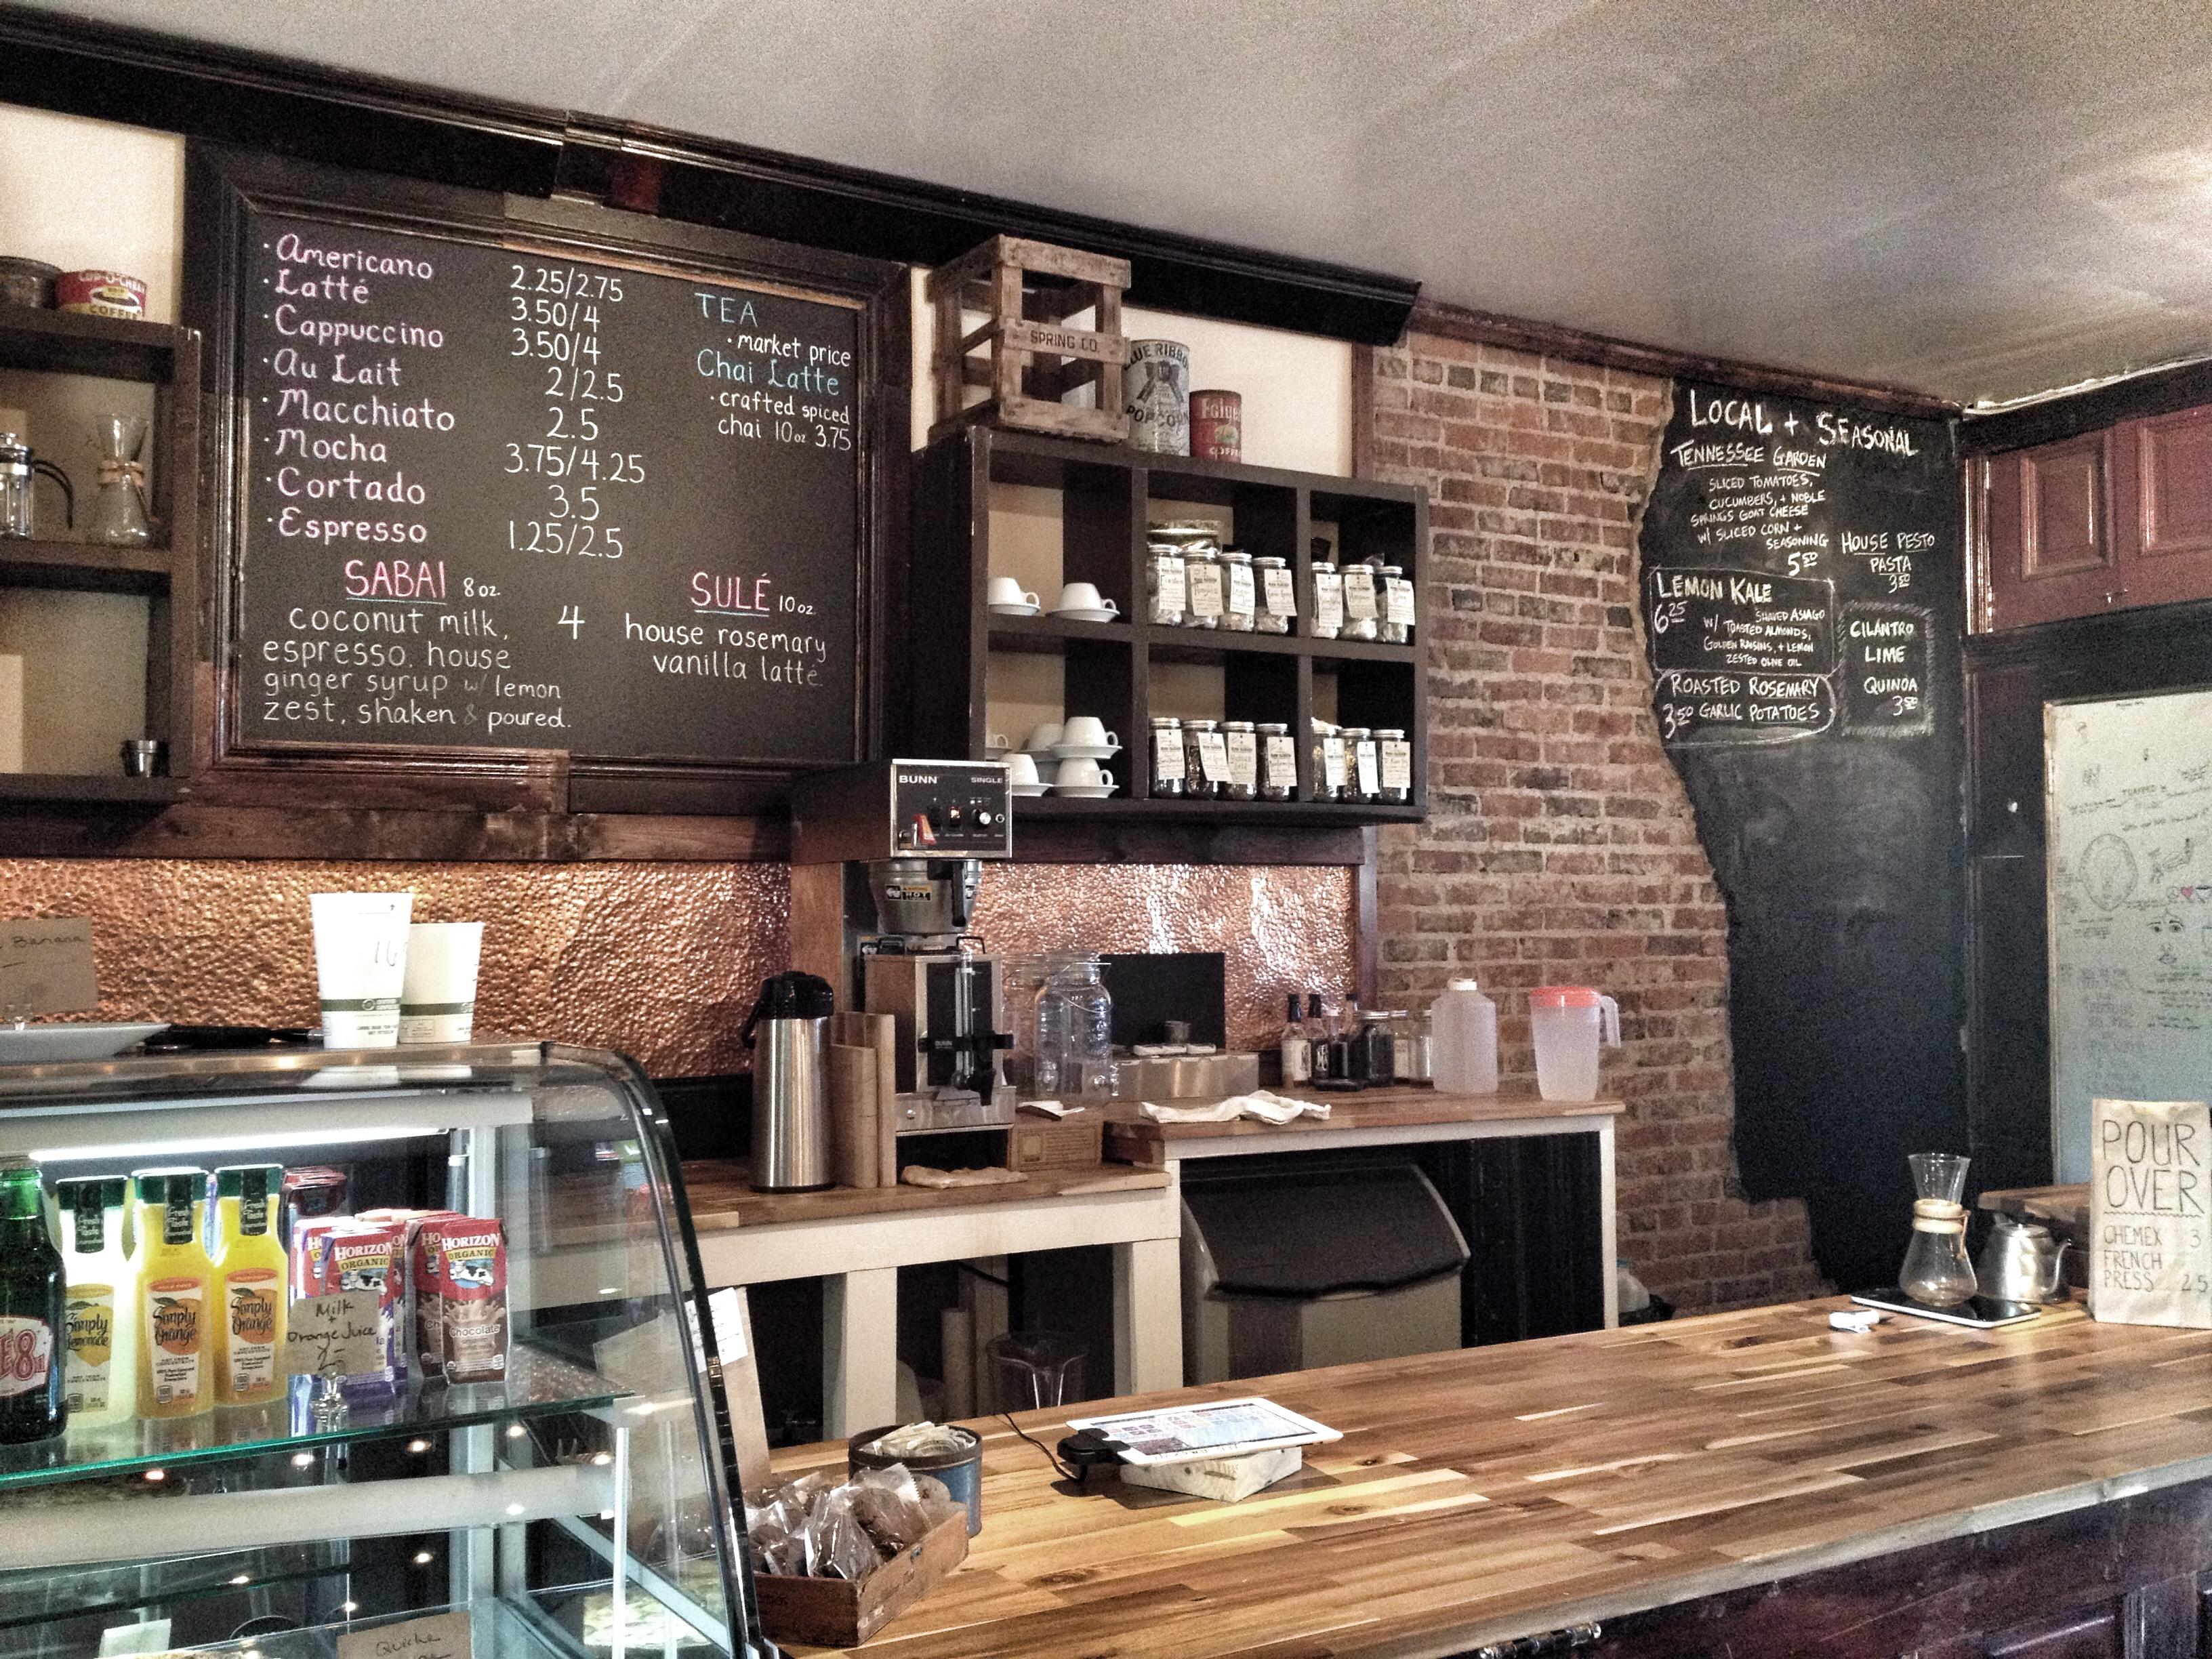 Photo 3 1 632 1 224 pixels shop ideas pinterest - La cucineria roma ...